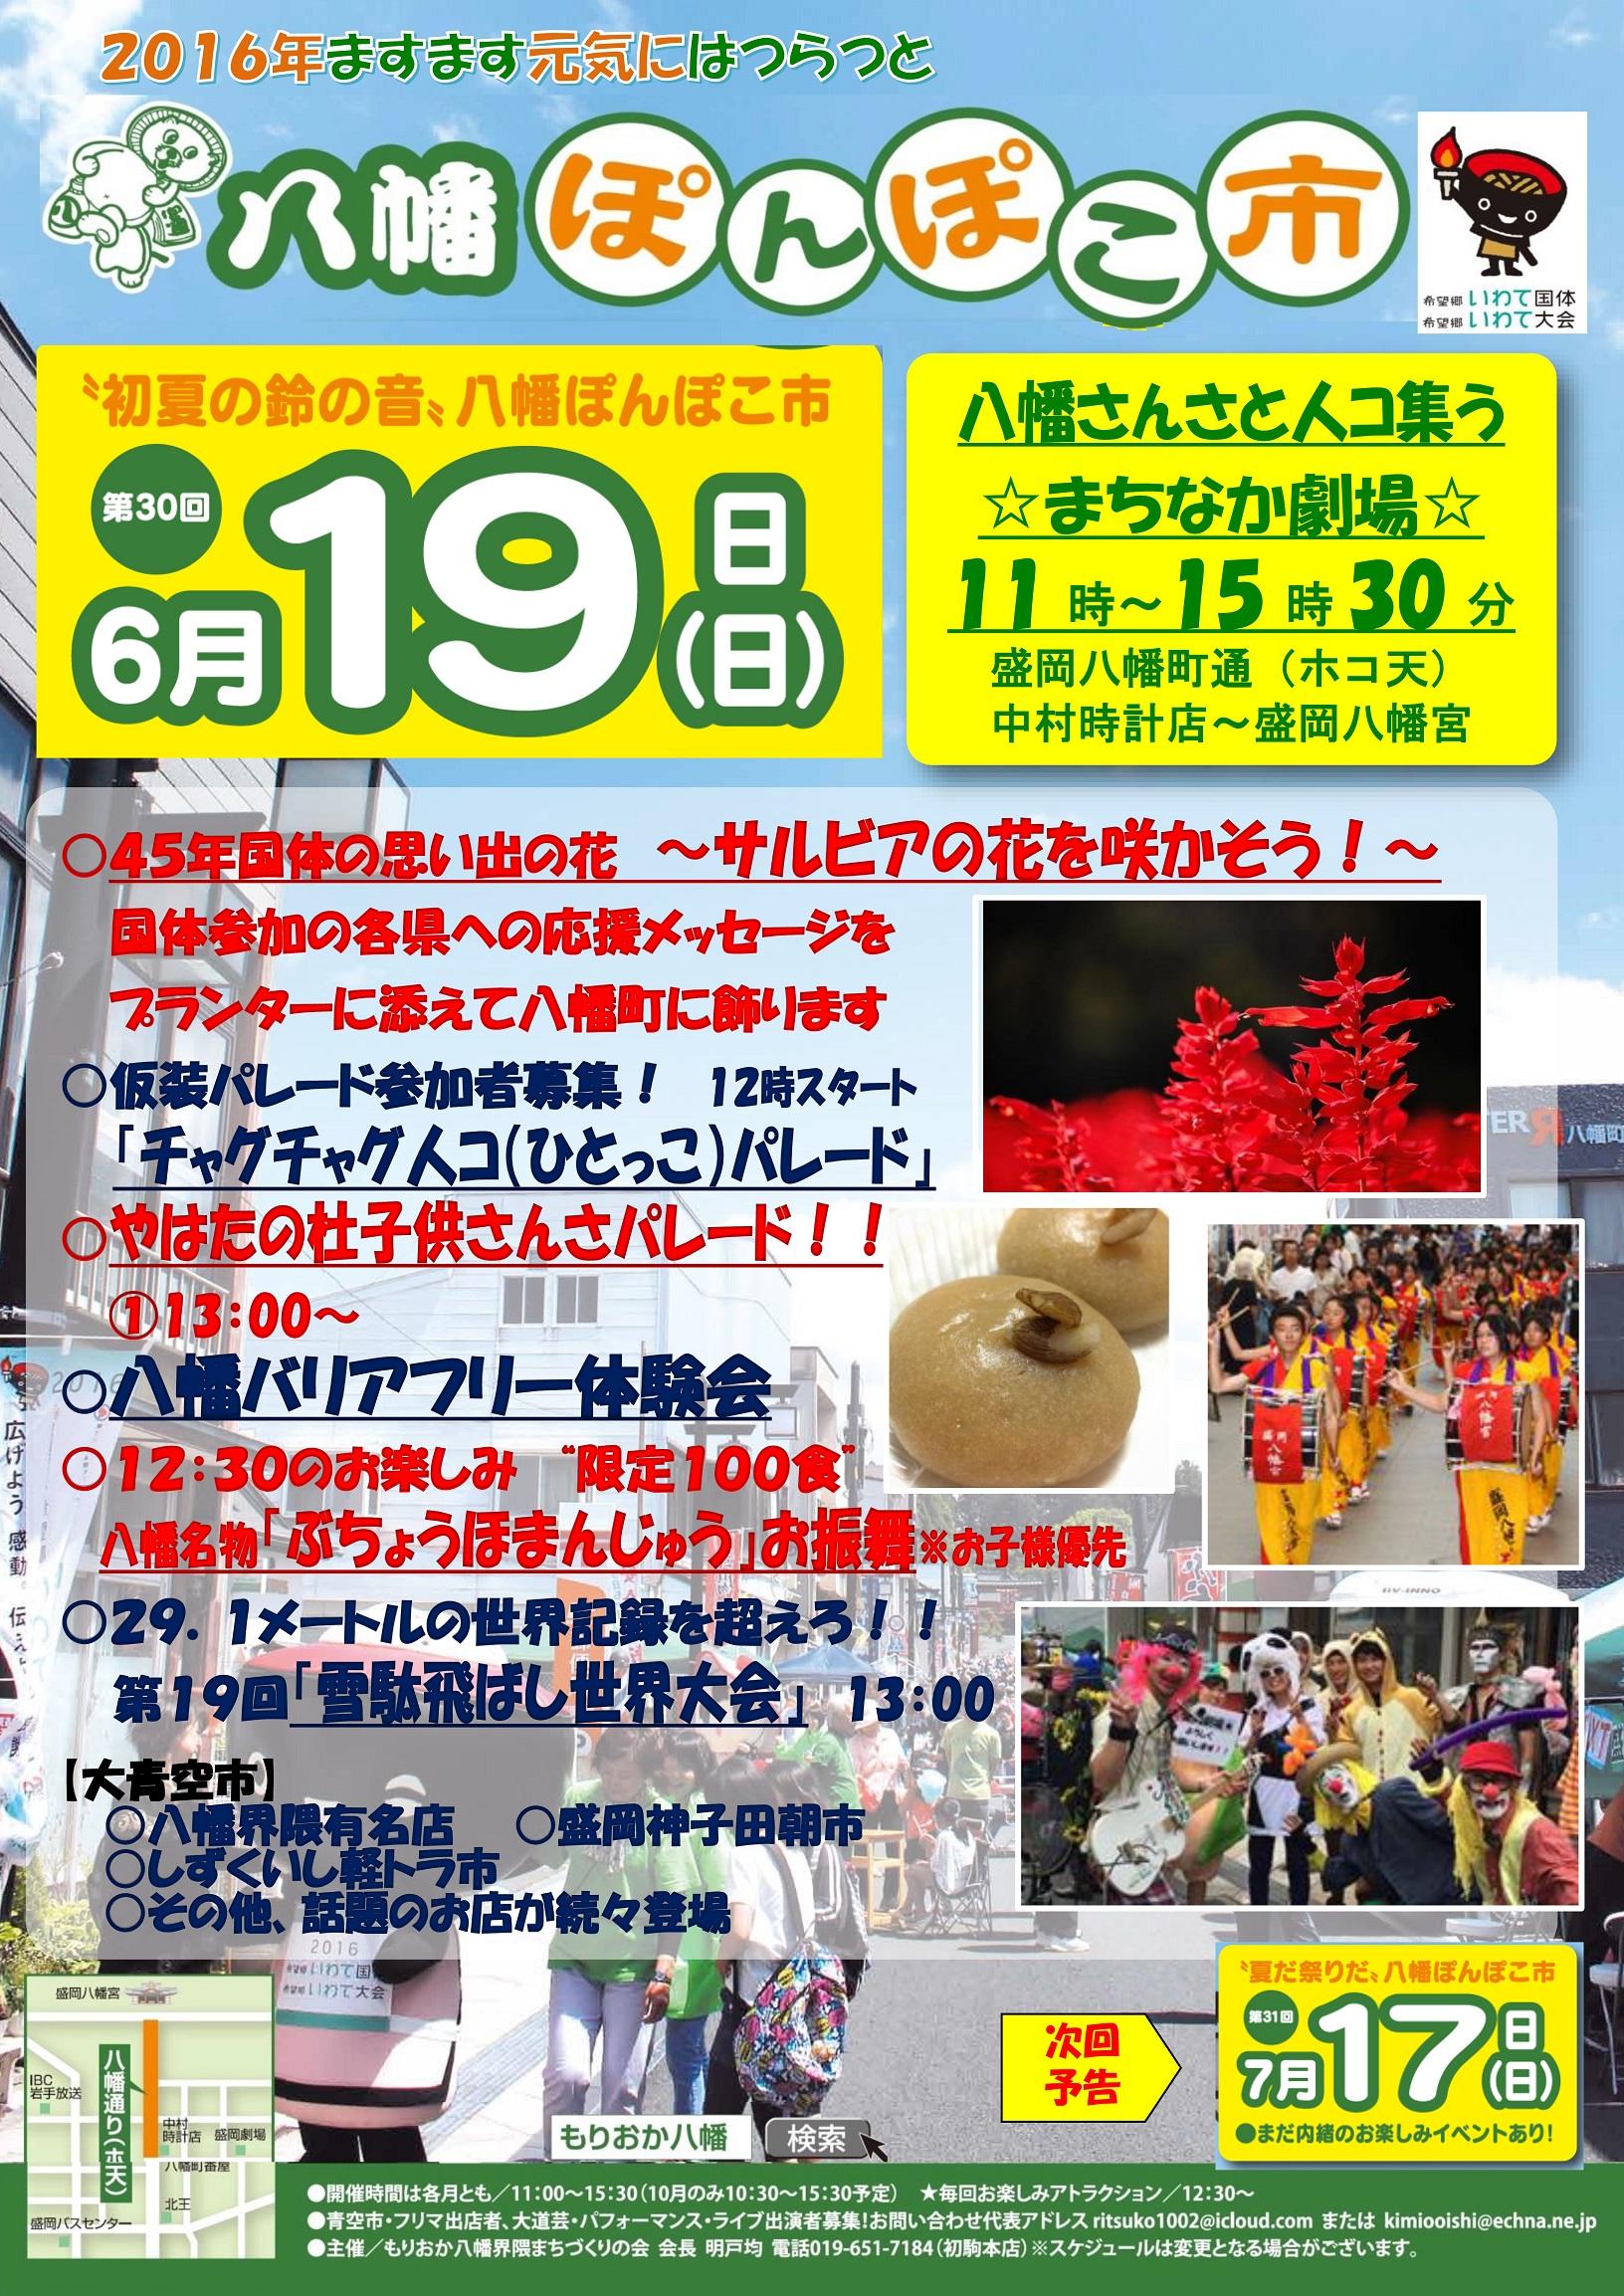 280619八幡ぽんぽこ市ミニポスター小サイズ